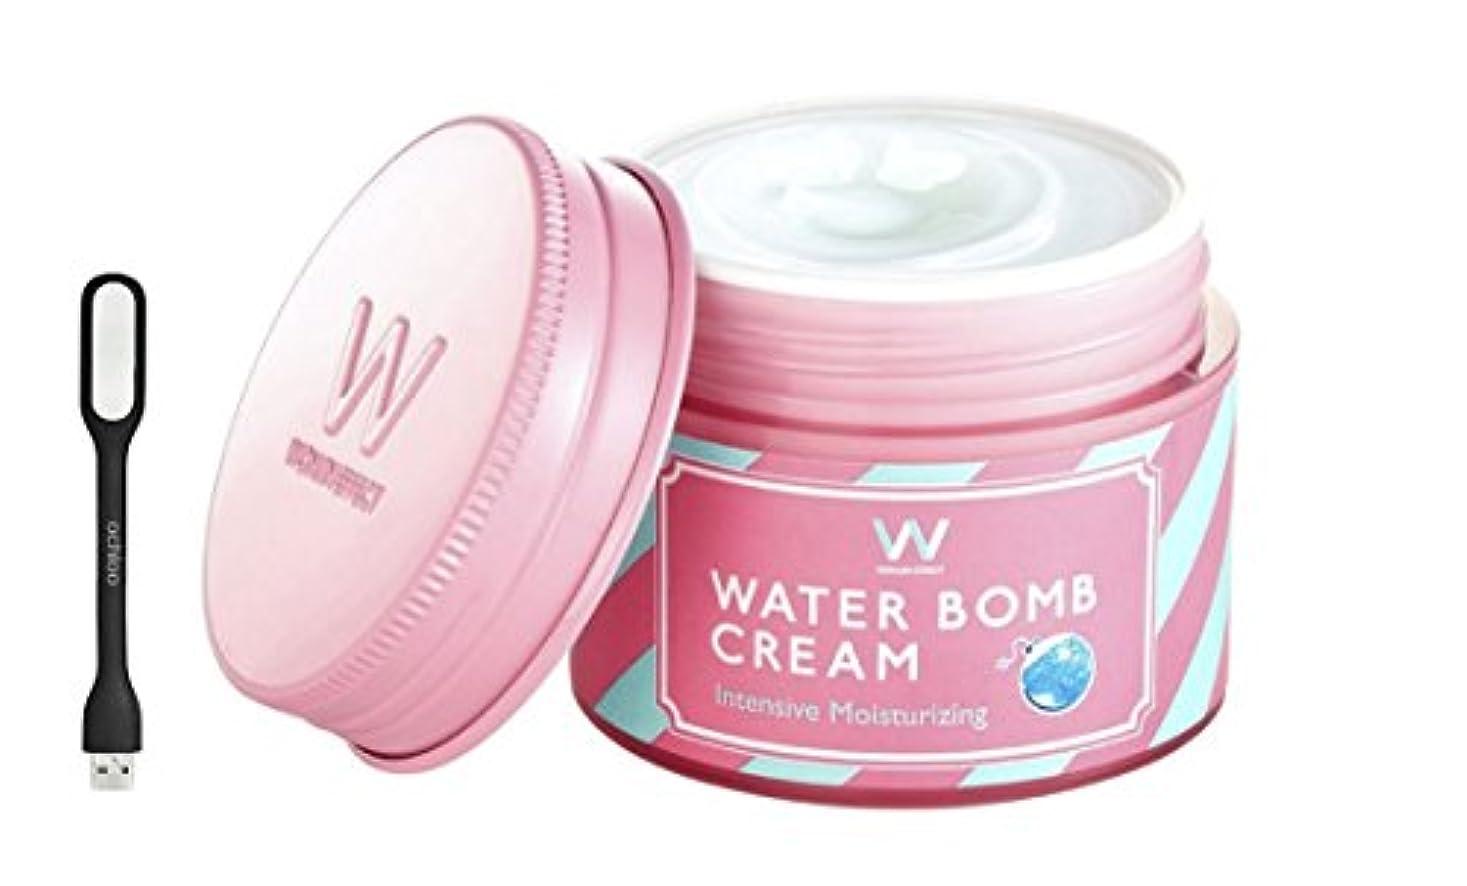 気候なぜならアラブWONJIN EFFECT ウォンジンエフェクト水爆弾クリーム/ウォーターボムクリーム [Water Bomb Cream] - 50ml, 1.69 fl. oz.+ Ochloo logo led